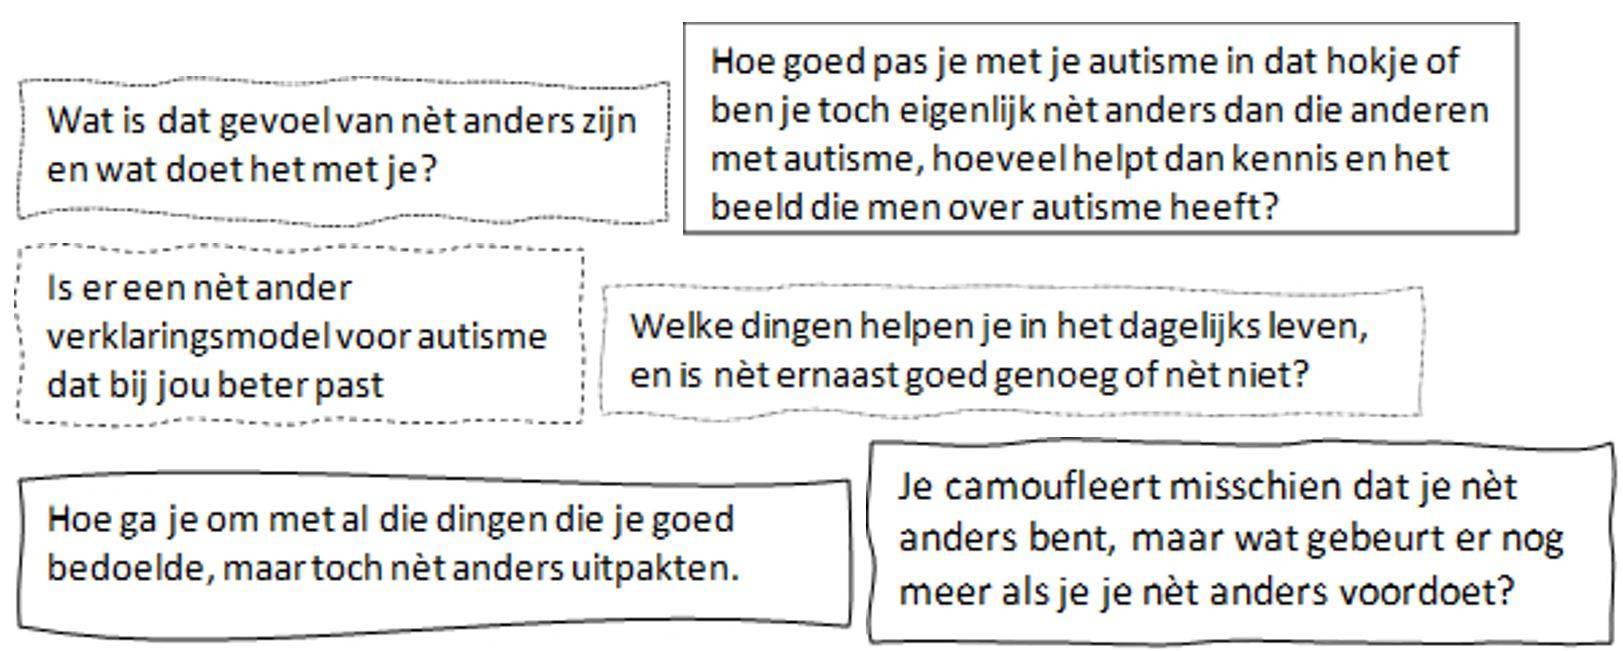 Voorbeelden van net anders zijn bij autism